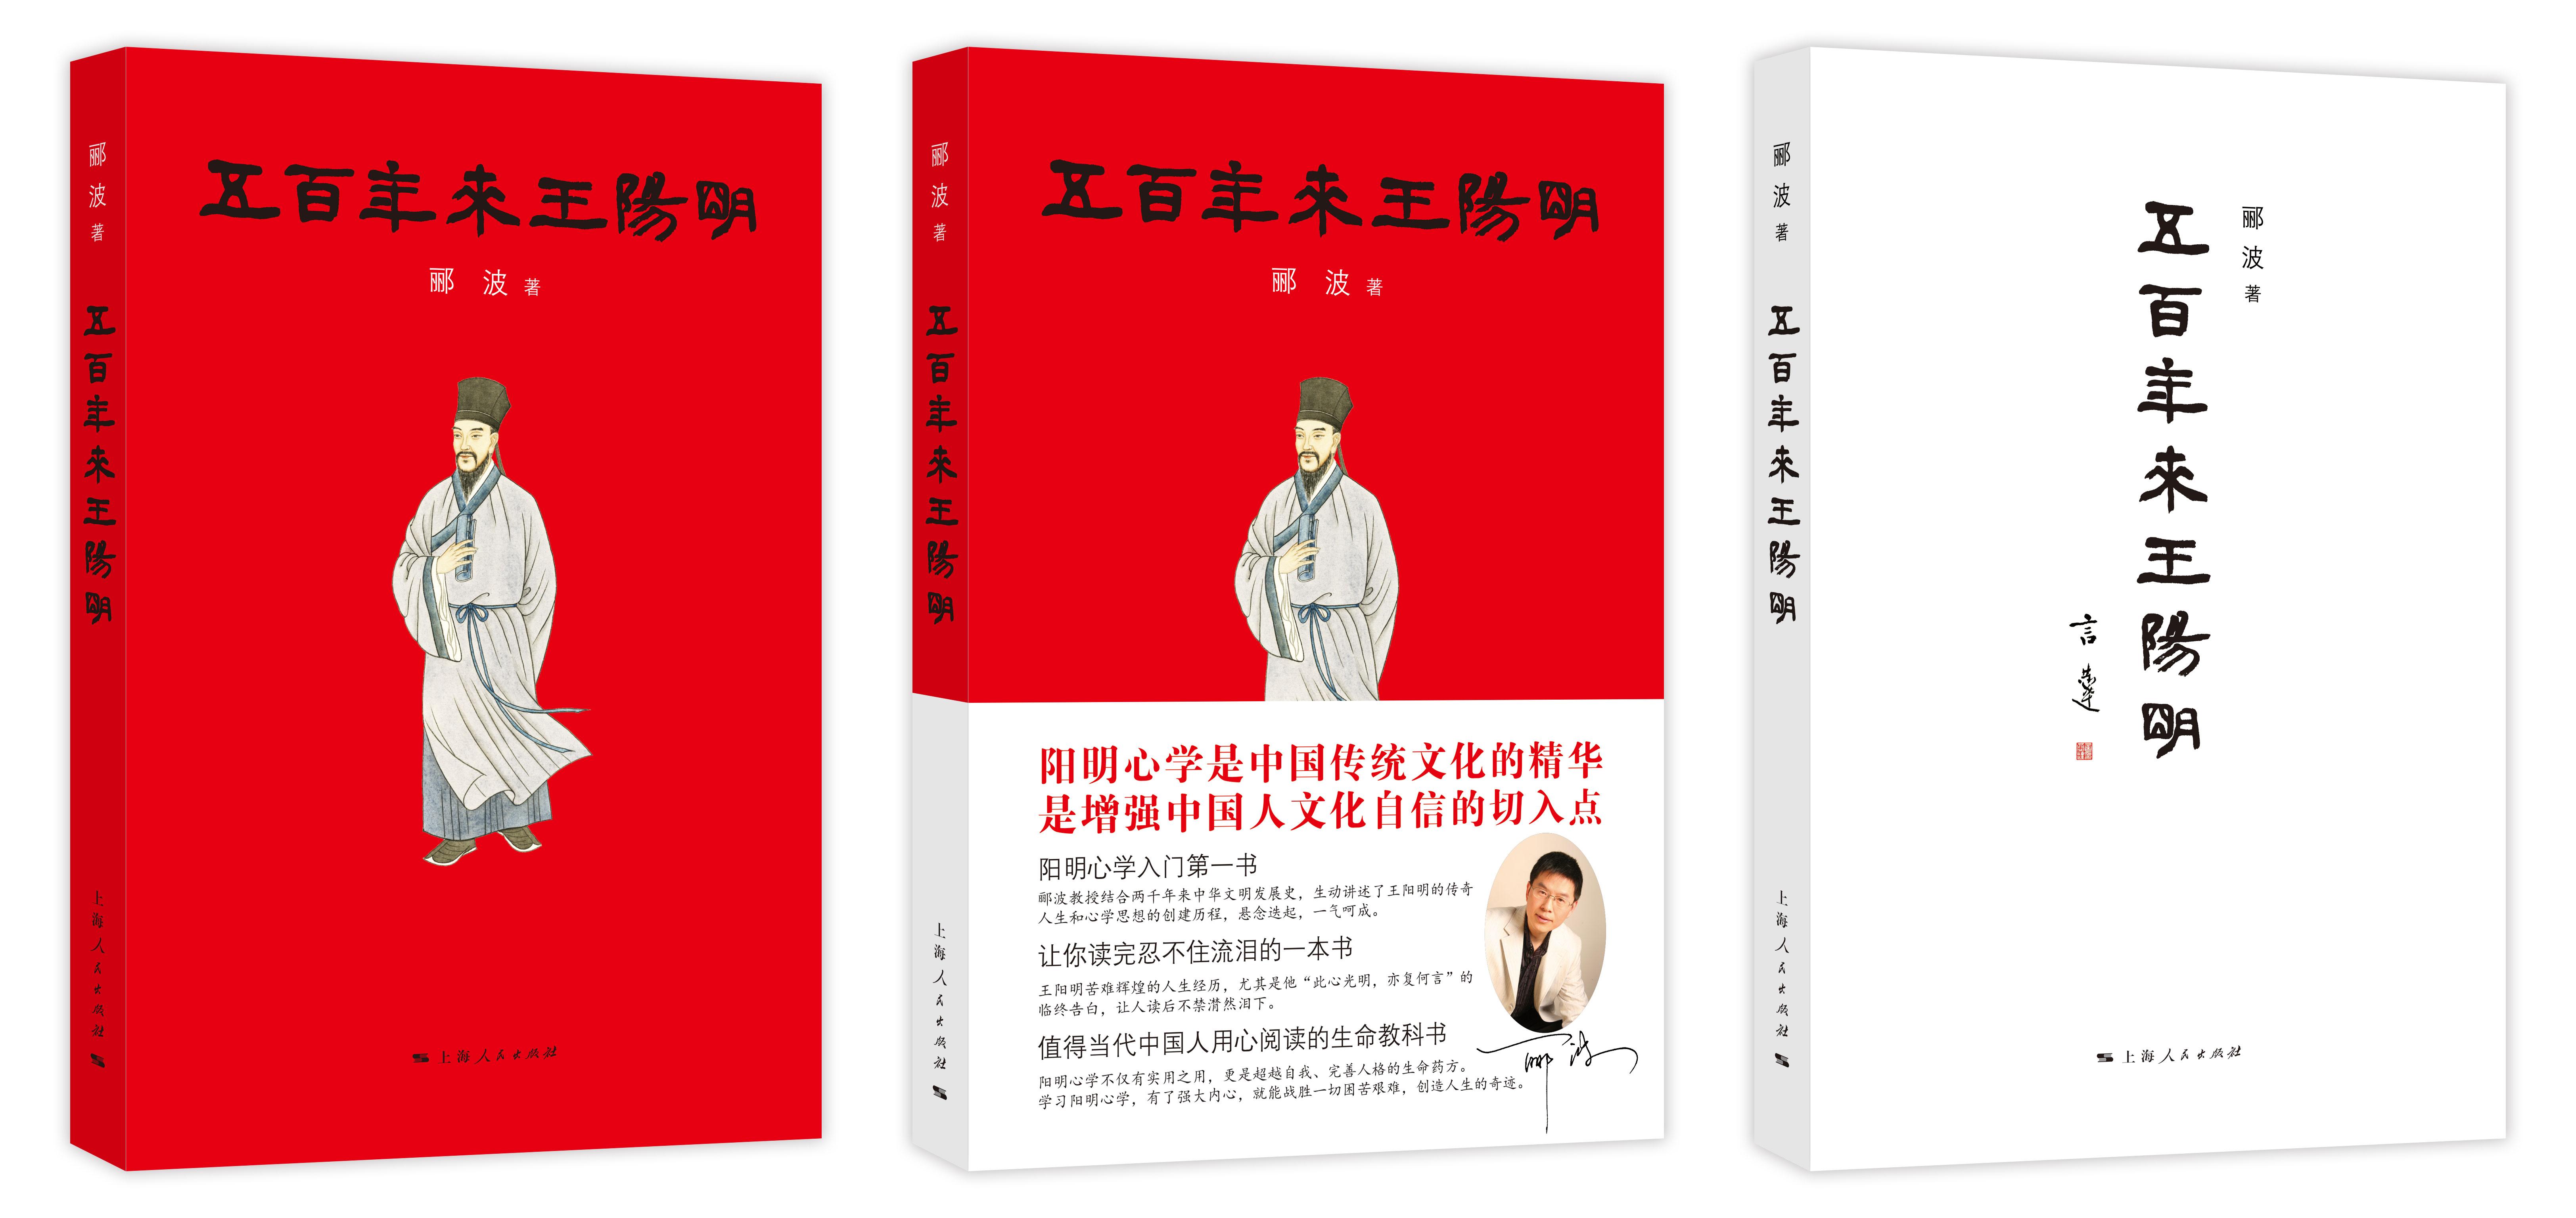 郦波新著《五百年来王阳明》:成就人生, 不可不读王阳明